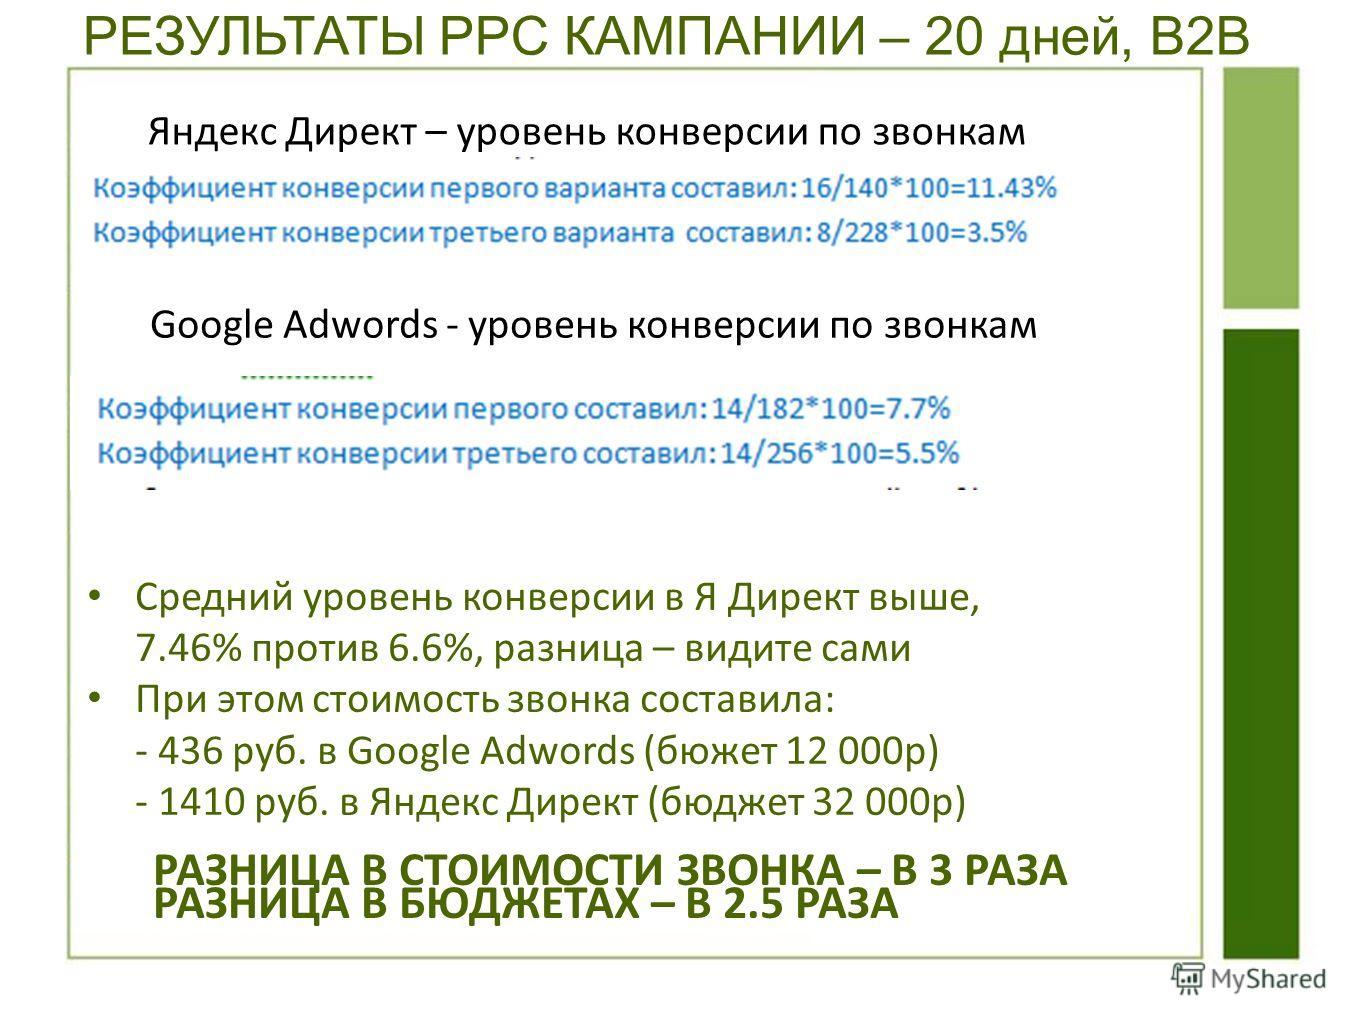 РЕЗУЛЬТАТЫ PPC КАМПАНИИ – 20 дней, B2B Cредний уровень конверсии в Я Директ выше, 7.46% против 6.6%, разница – видите сами При этом стоимость звонка составила: - 436 руб. в Google Adwords (бюджет 12 000 р) - 1410 руб. в Яндекс Директ (бюджет 32 000 р